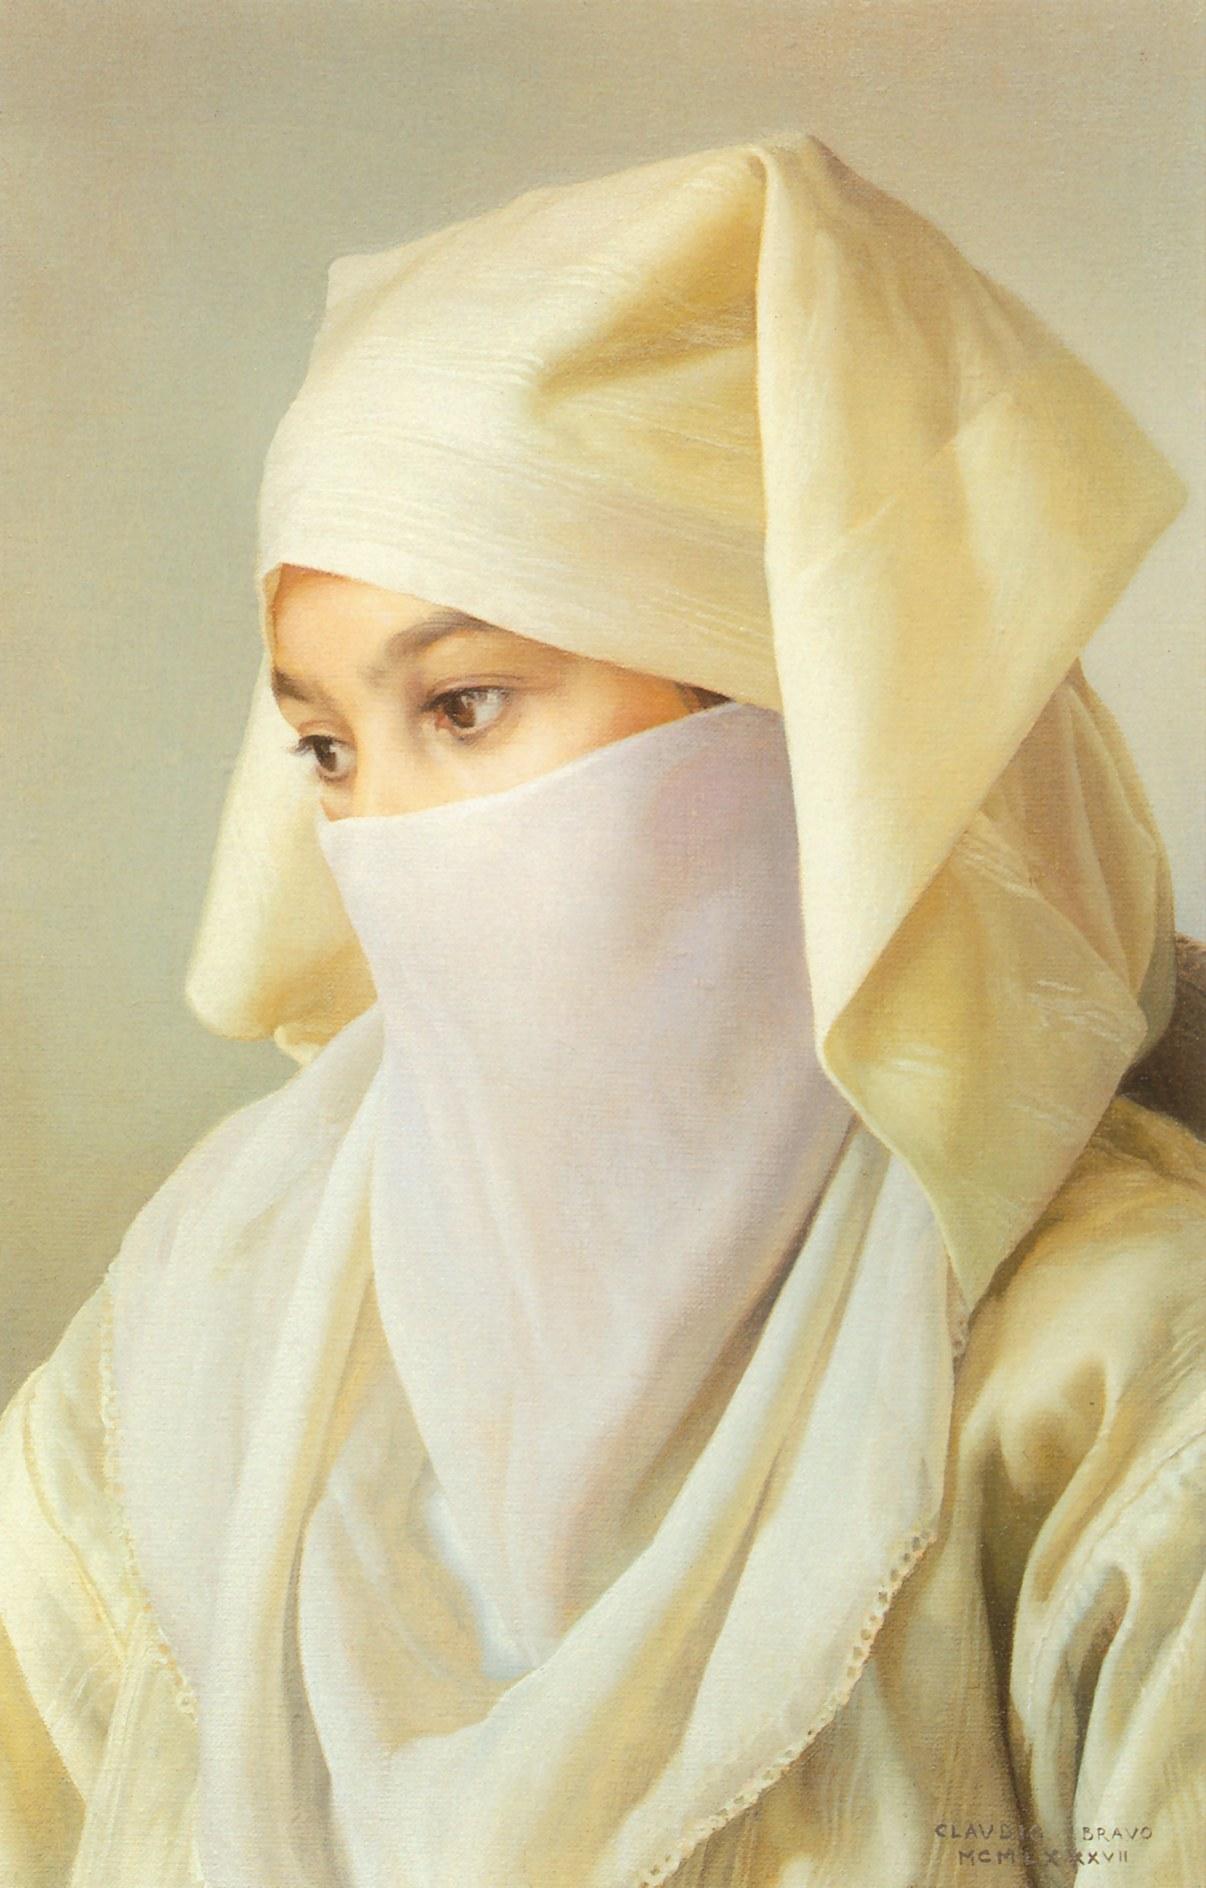 The veil, 1987